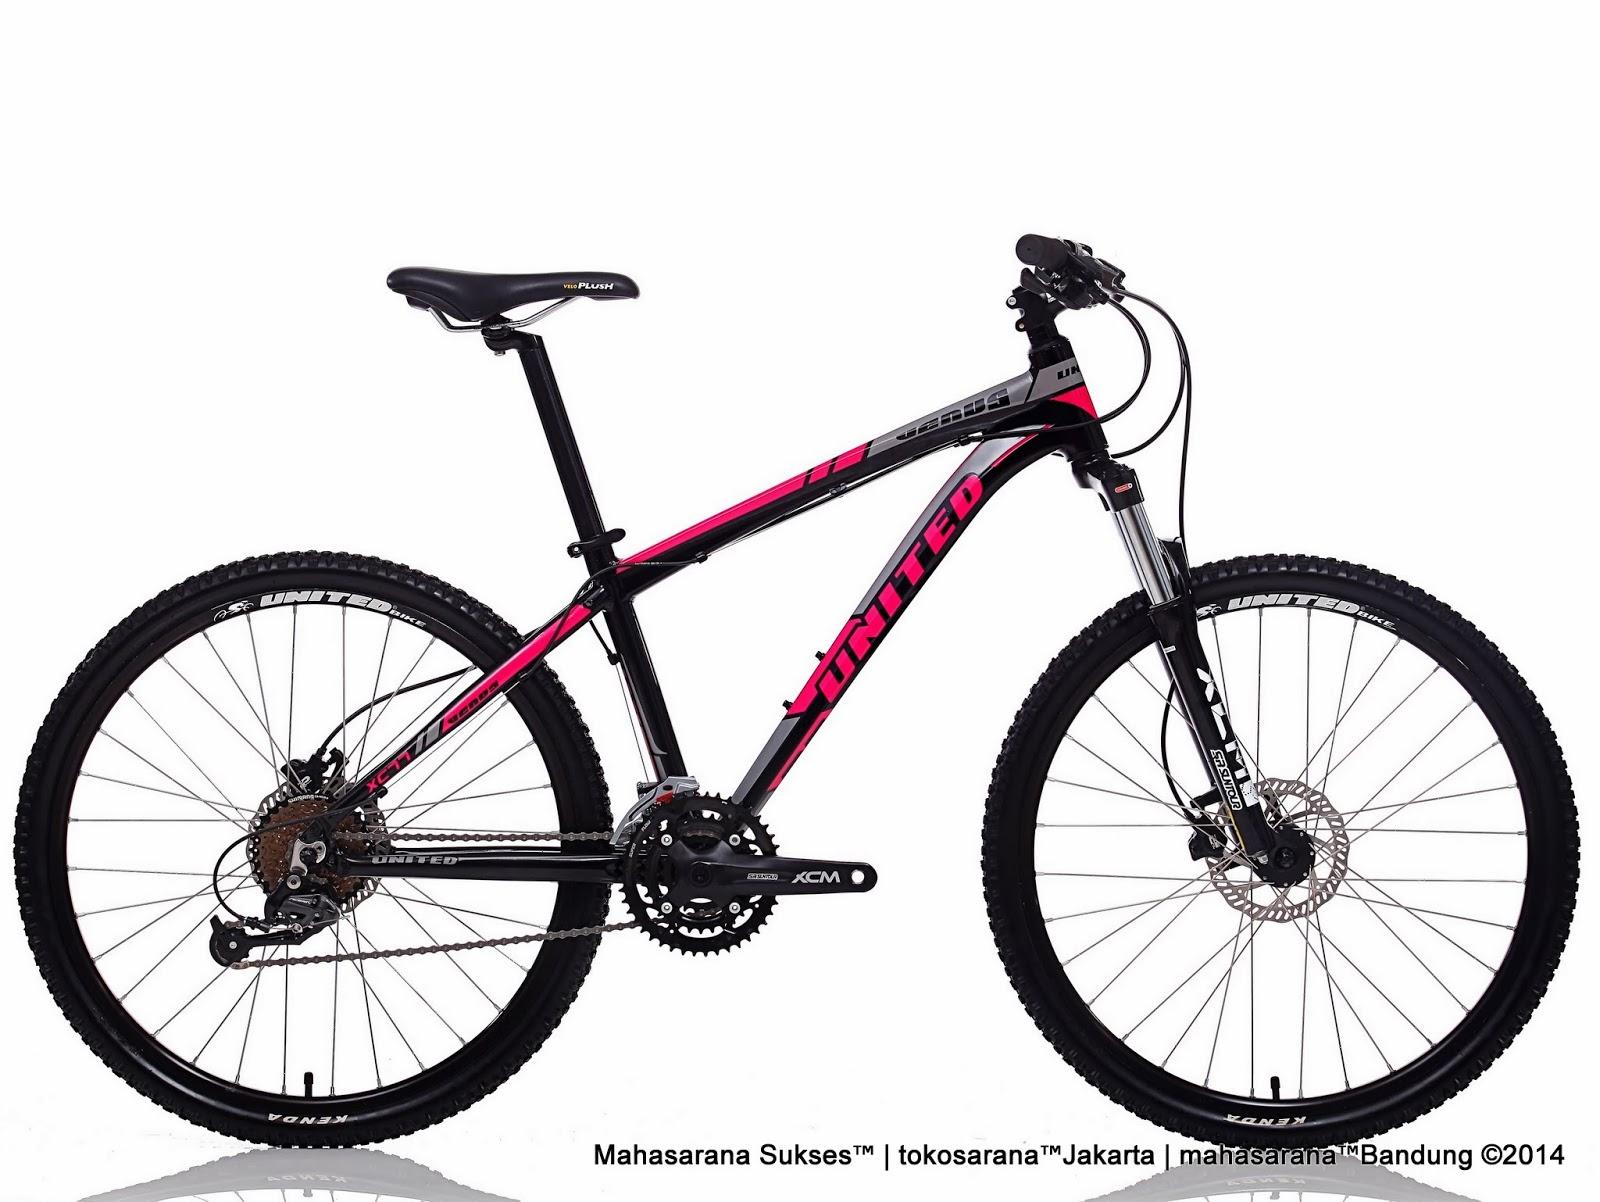 tokosarana™ Mahasarana Sukses™ Sepeda Gunung UNITED